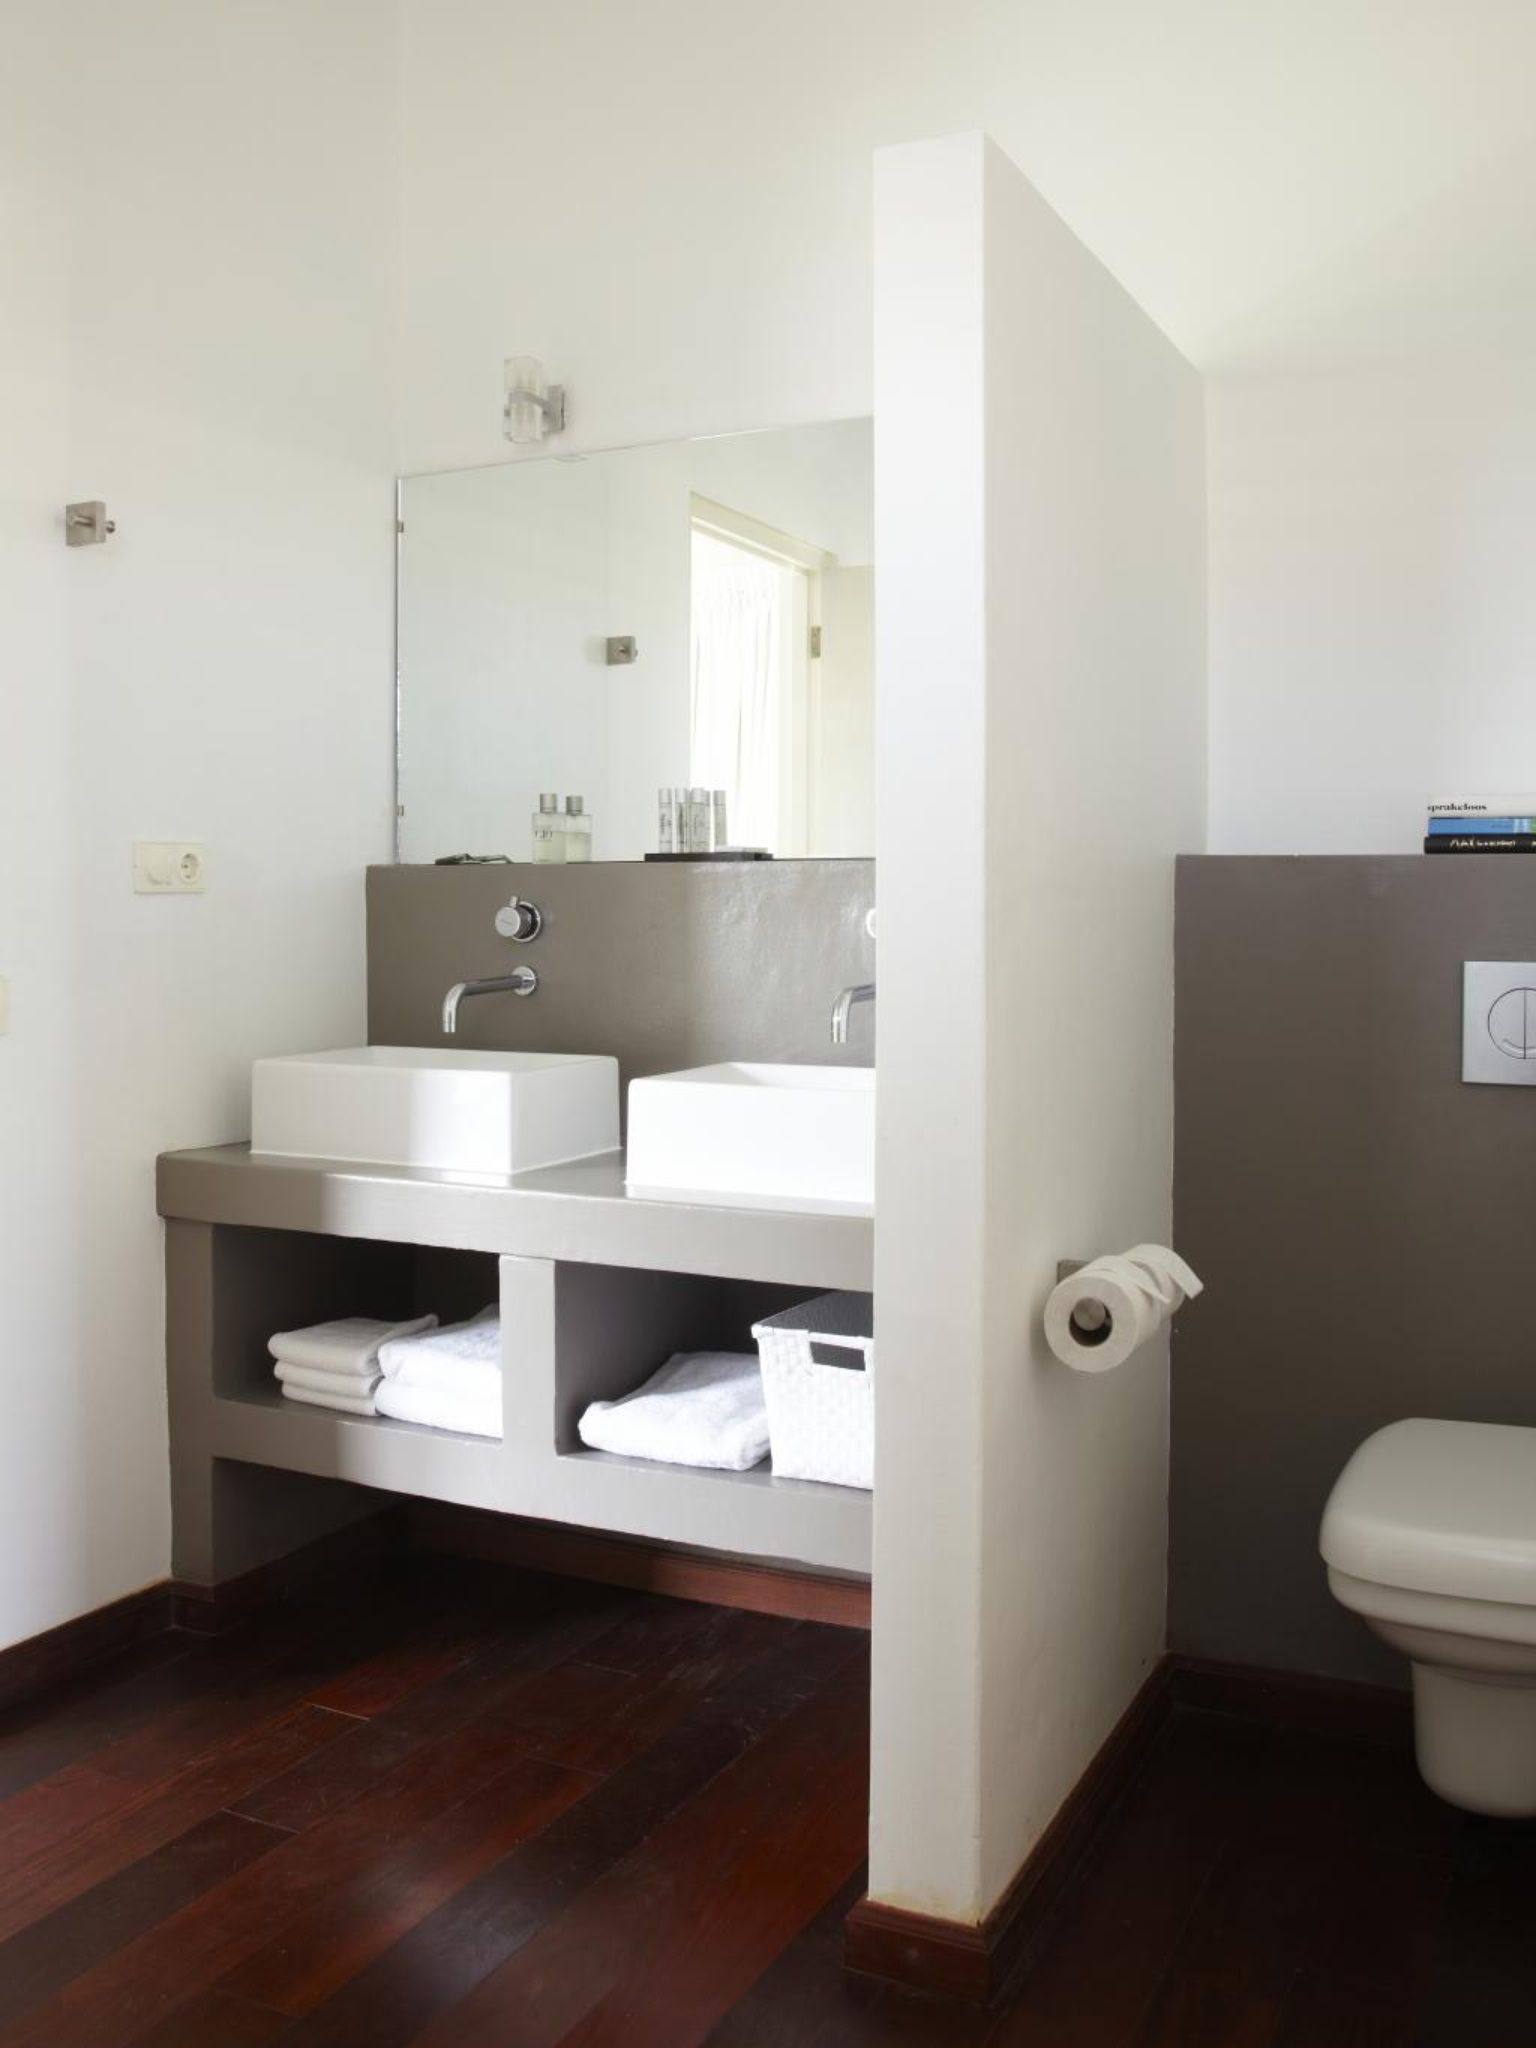 untermauerter Waschtisch  Haus  Pinterest  Waschtisch Badezimmer